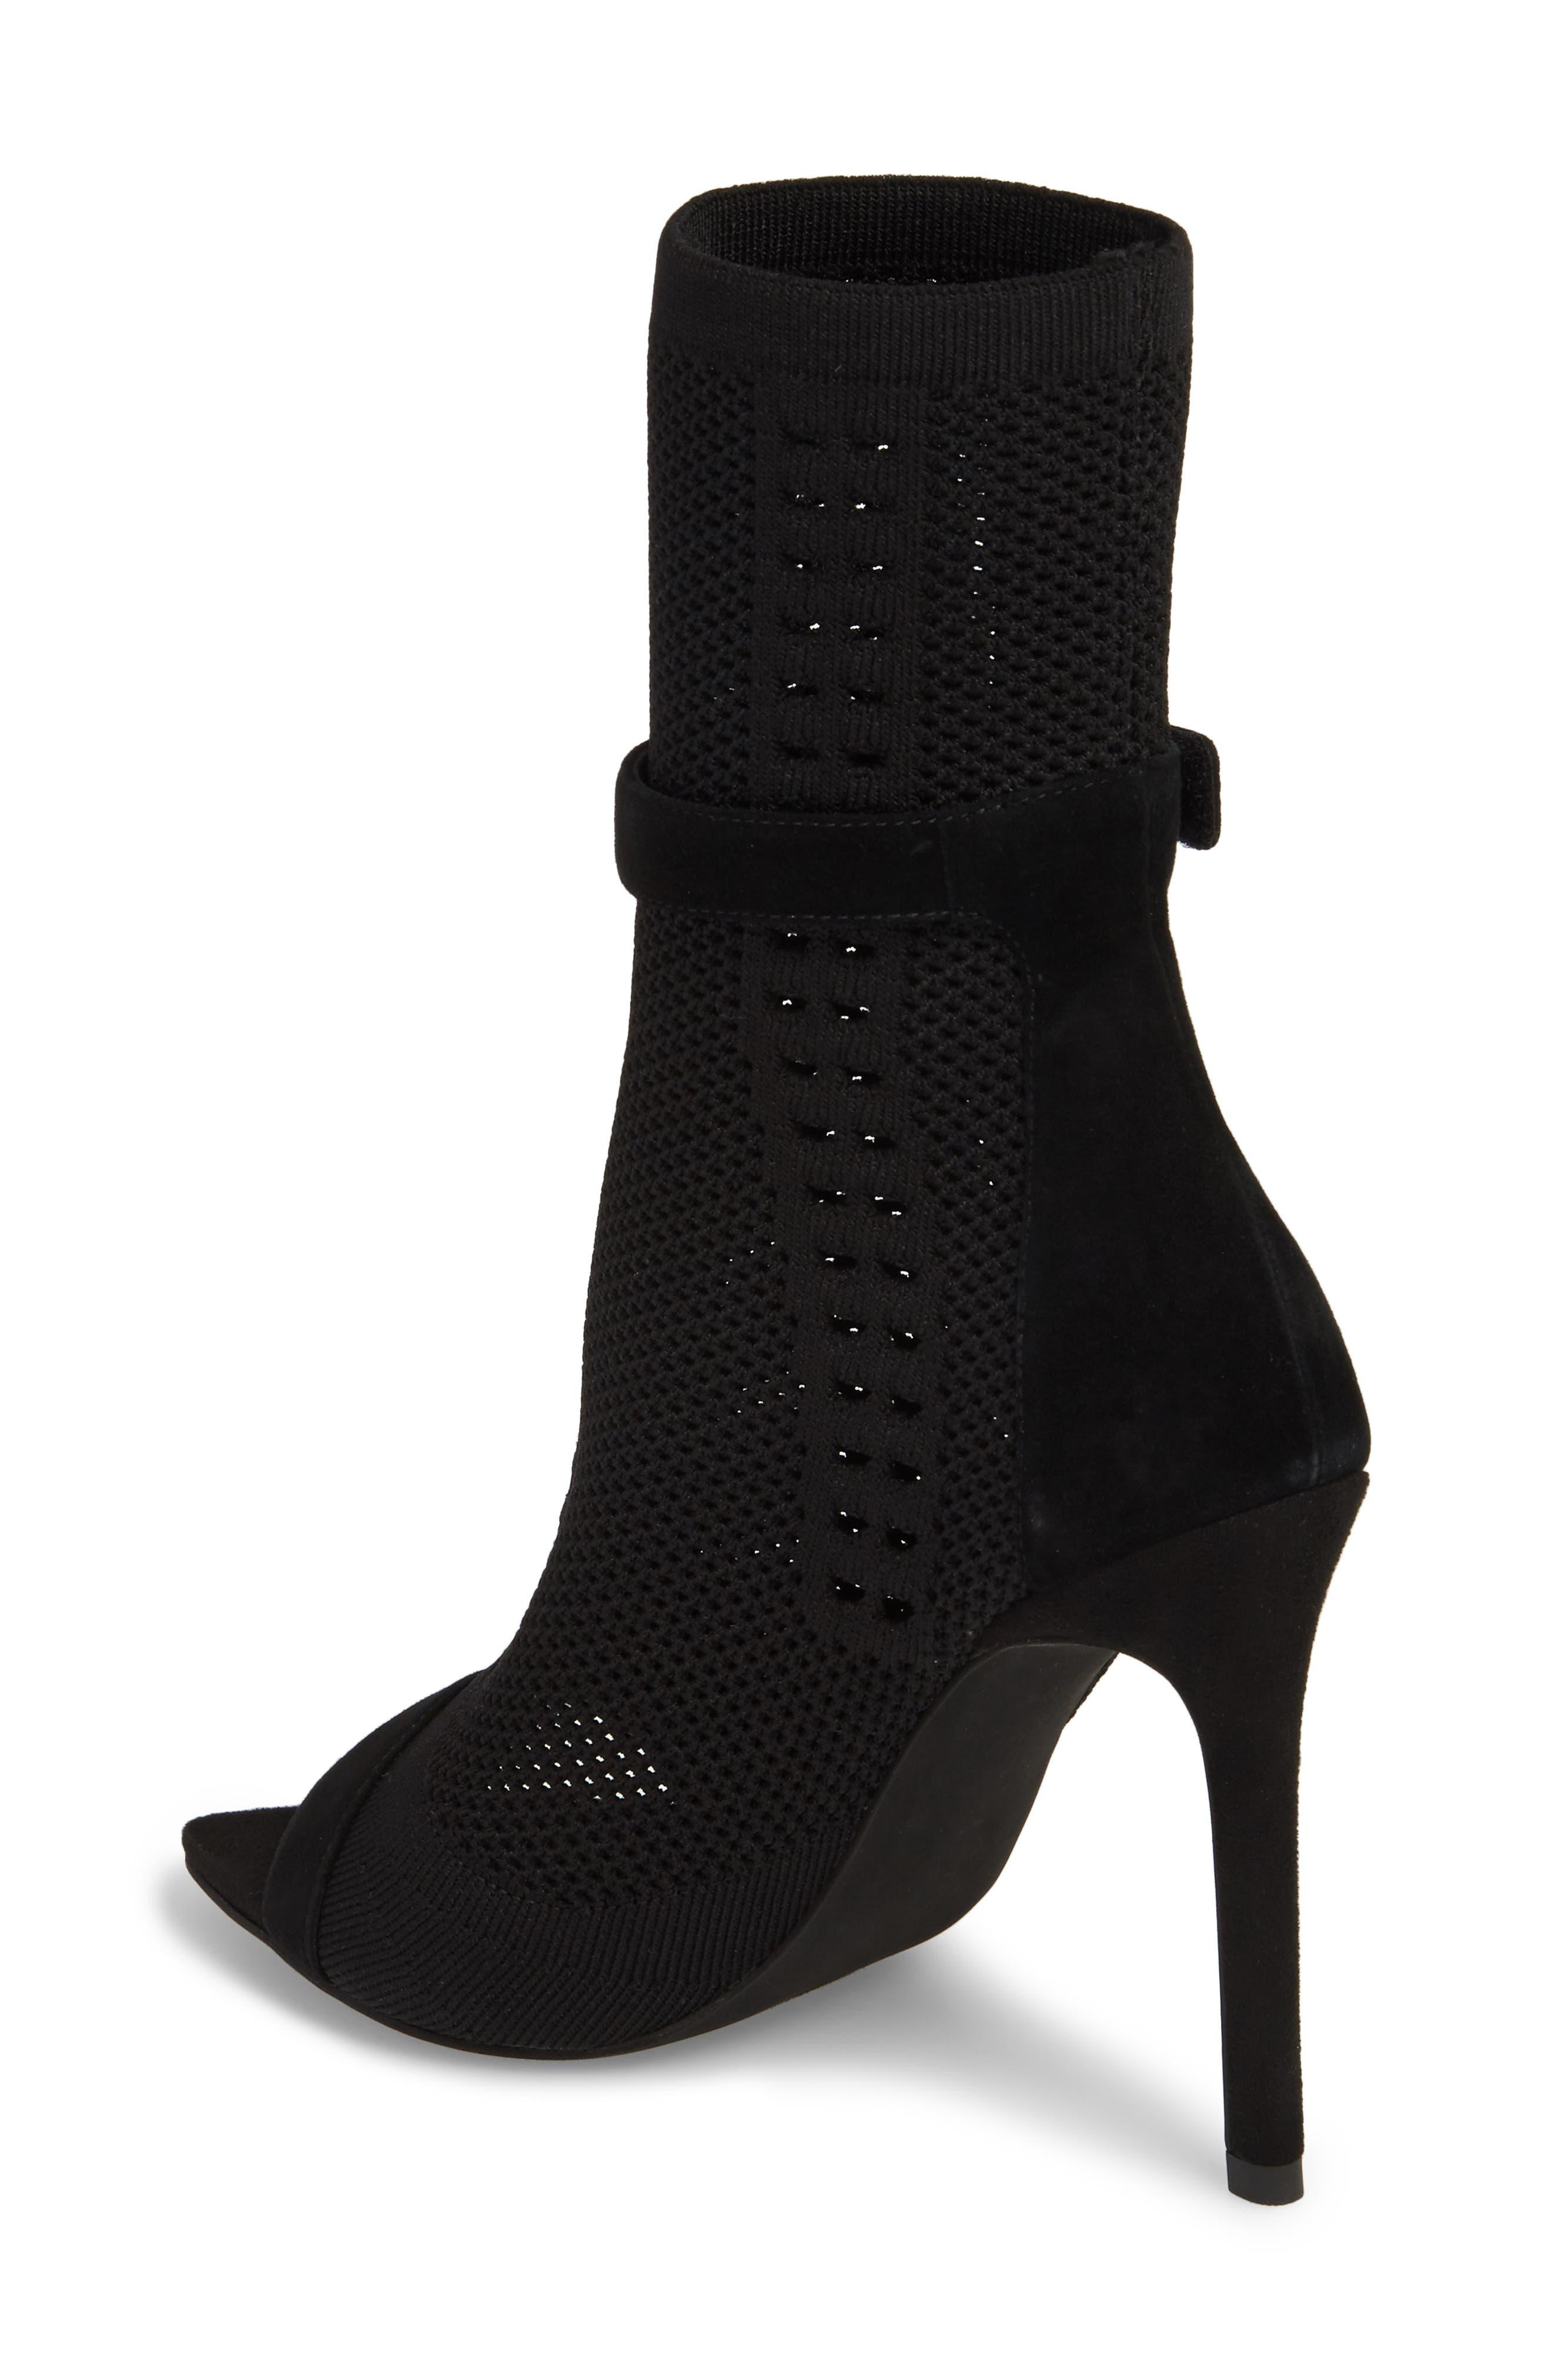 Kehlani Knit Bootie Sandal,                             Alternate thumbnail 2, color,                             BLACK SUEDE-BLACK WOVEN